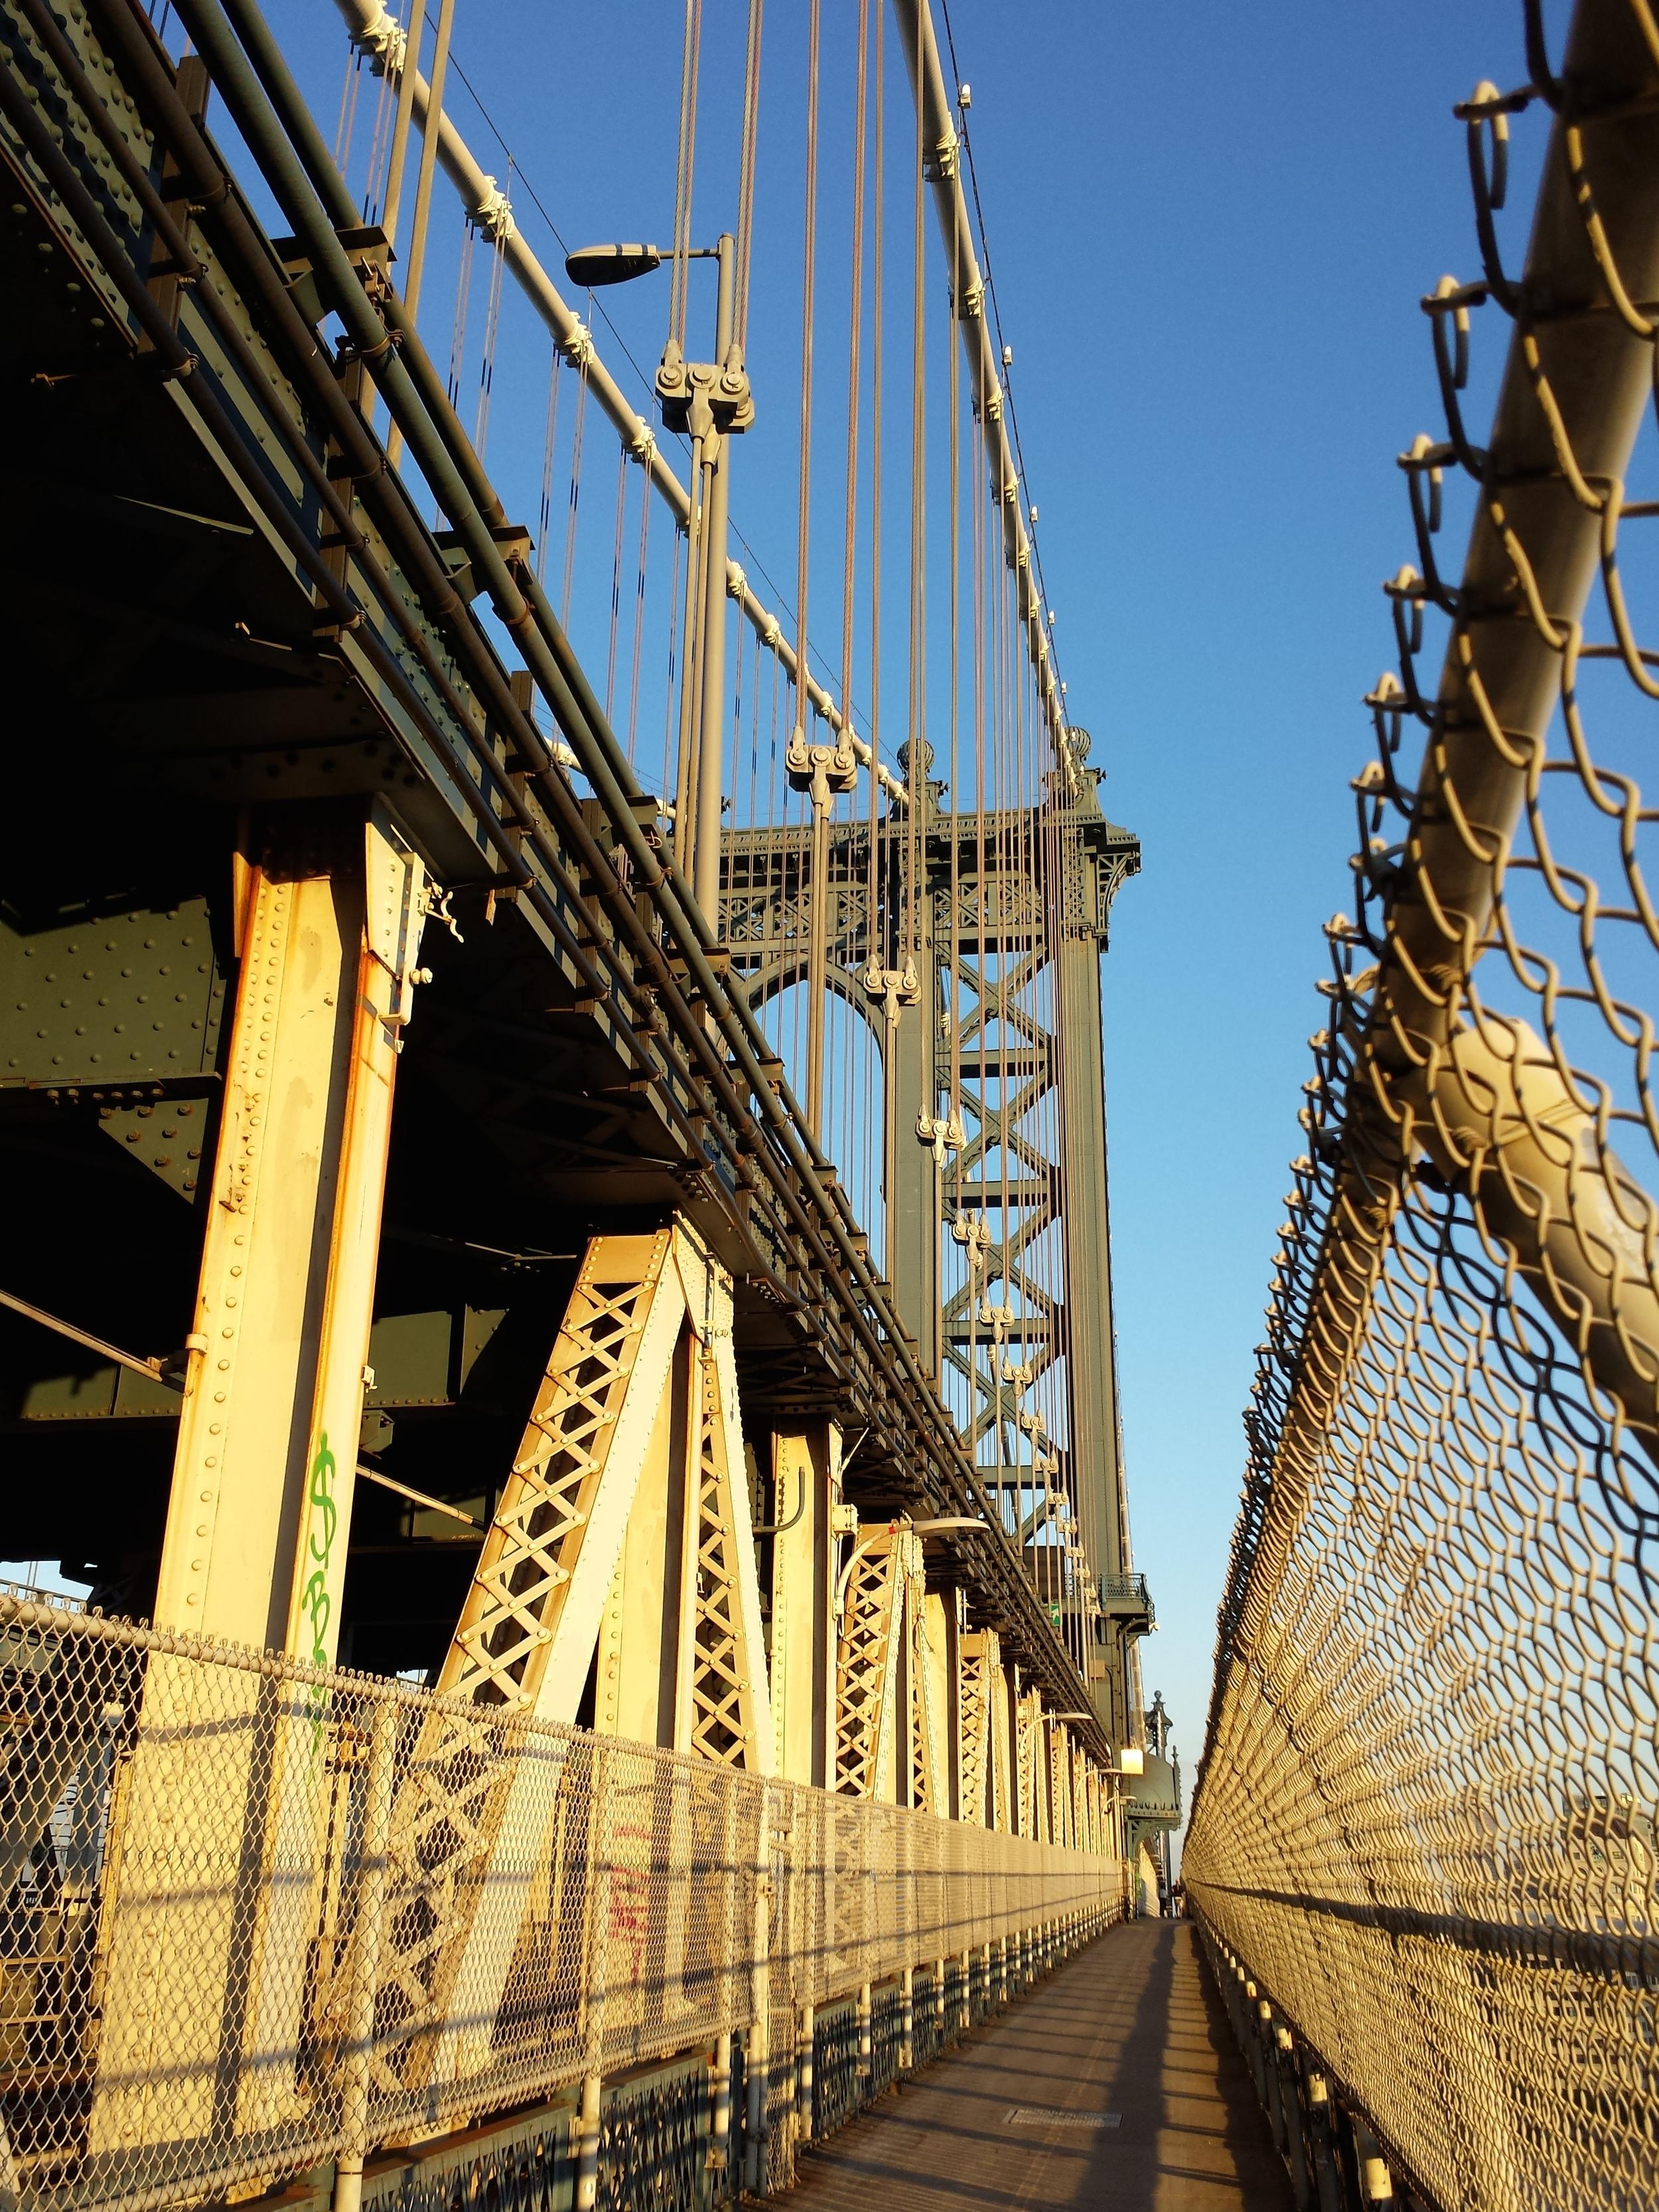 Cyclone fency! Manhattan Bridge, between Manhattan and Brooklyn.